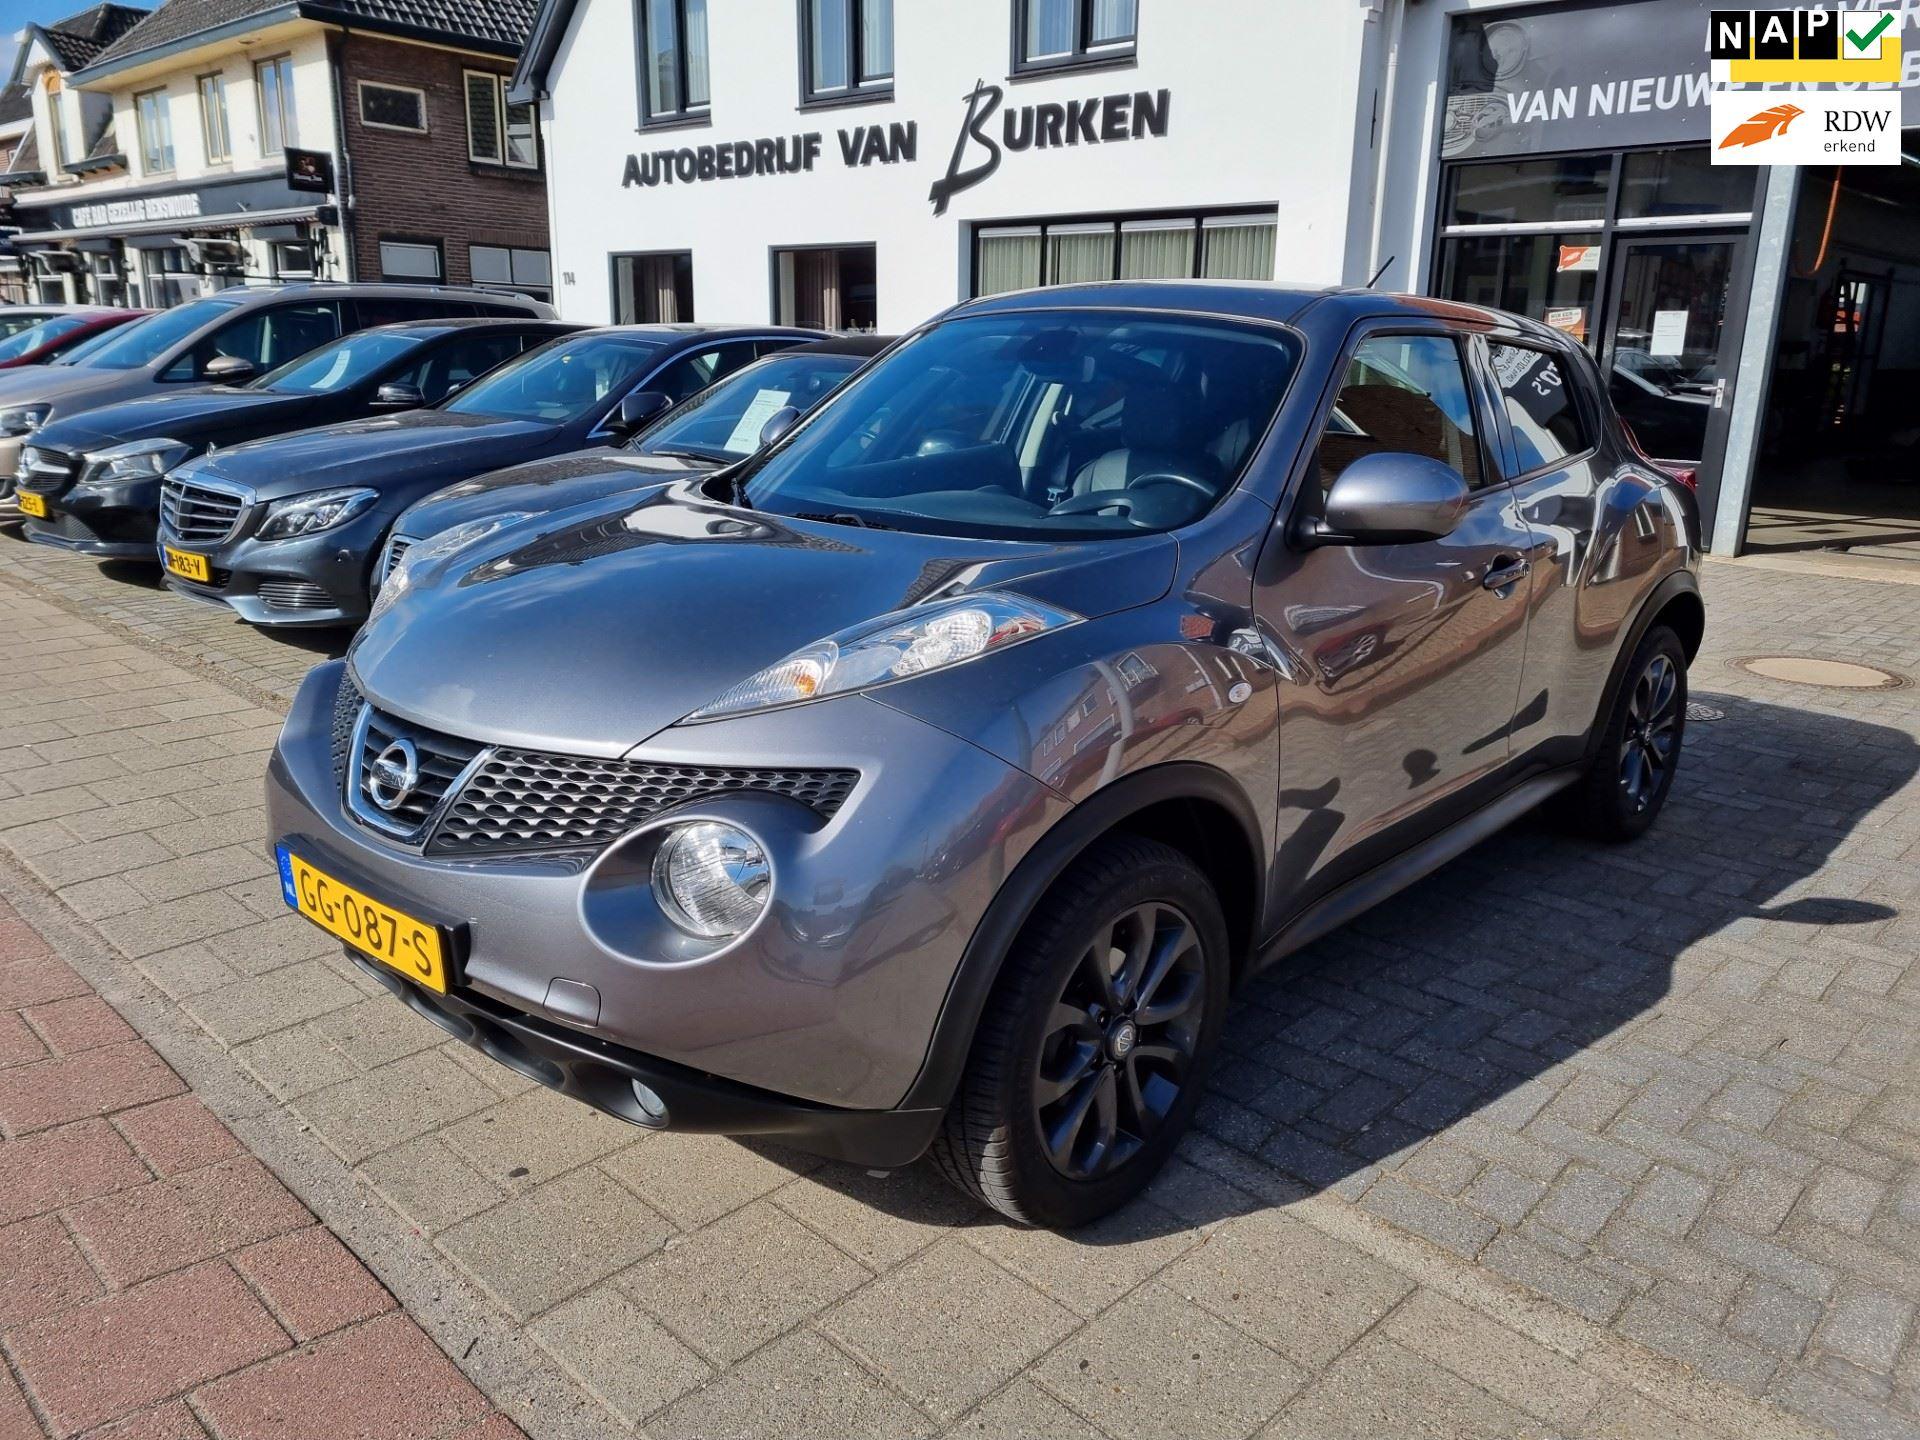 Nissan Juke occasion - Autobedrijf van Burken